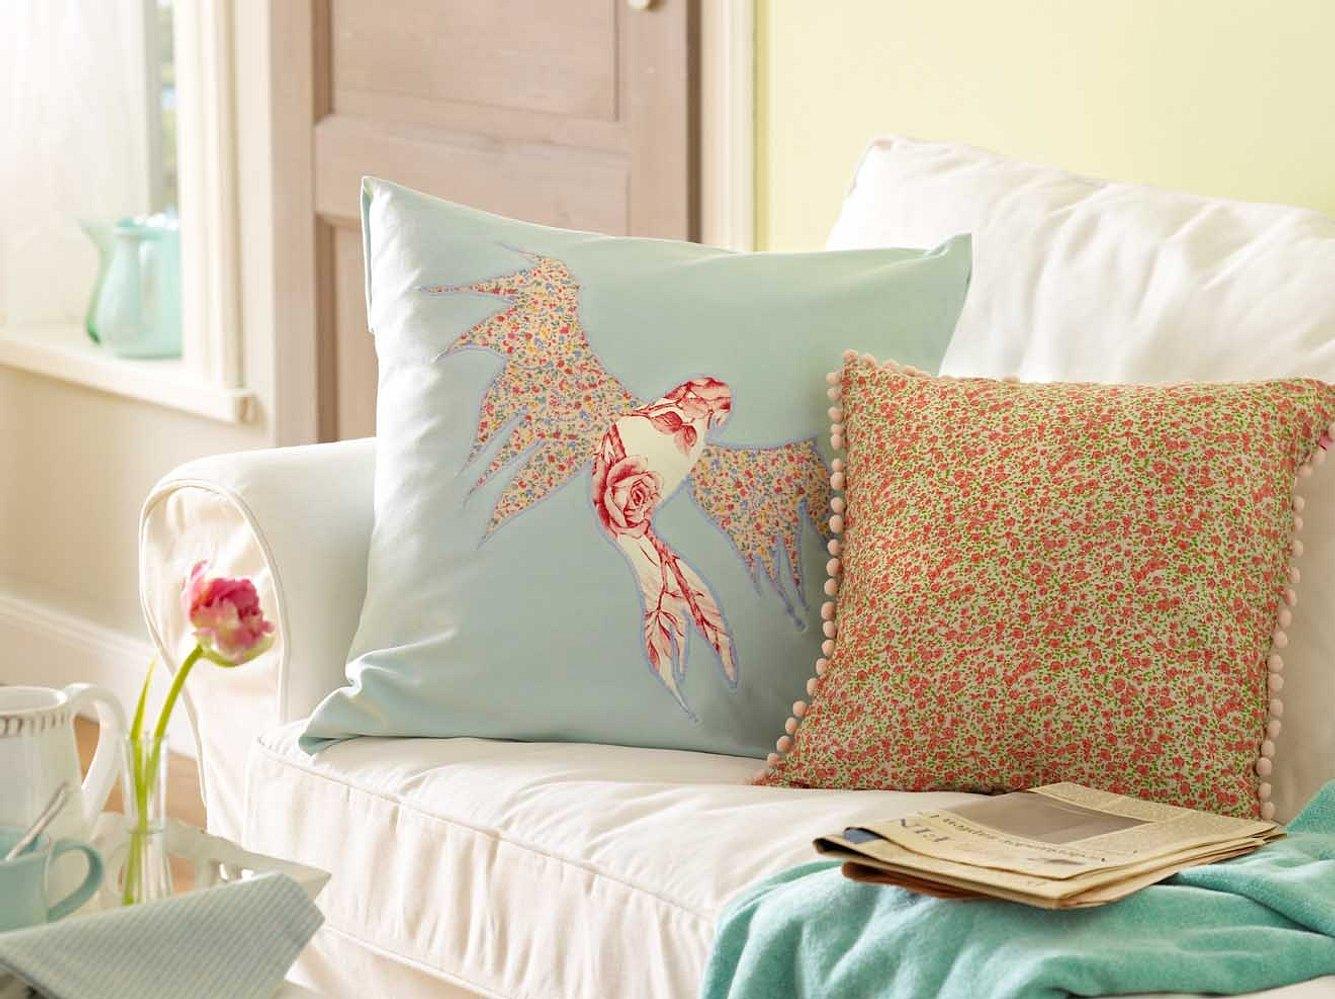 Diese Kissen machen Ihr Sofa noch entspannter!